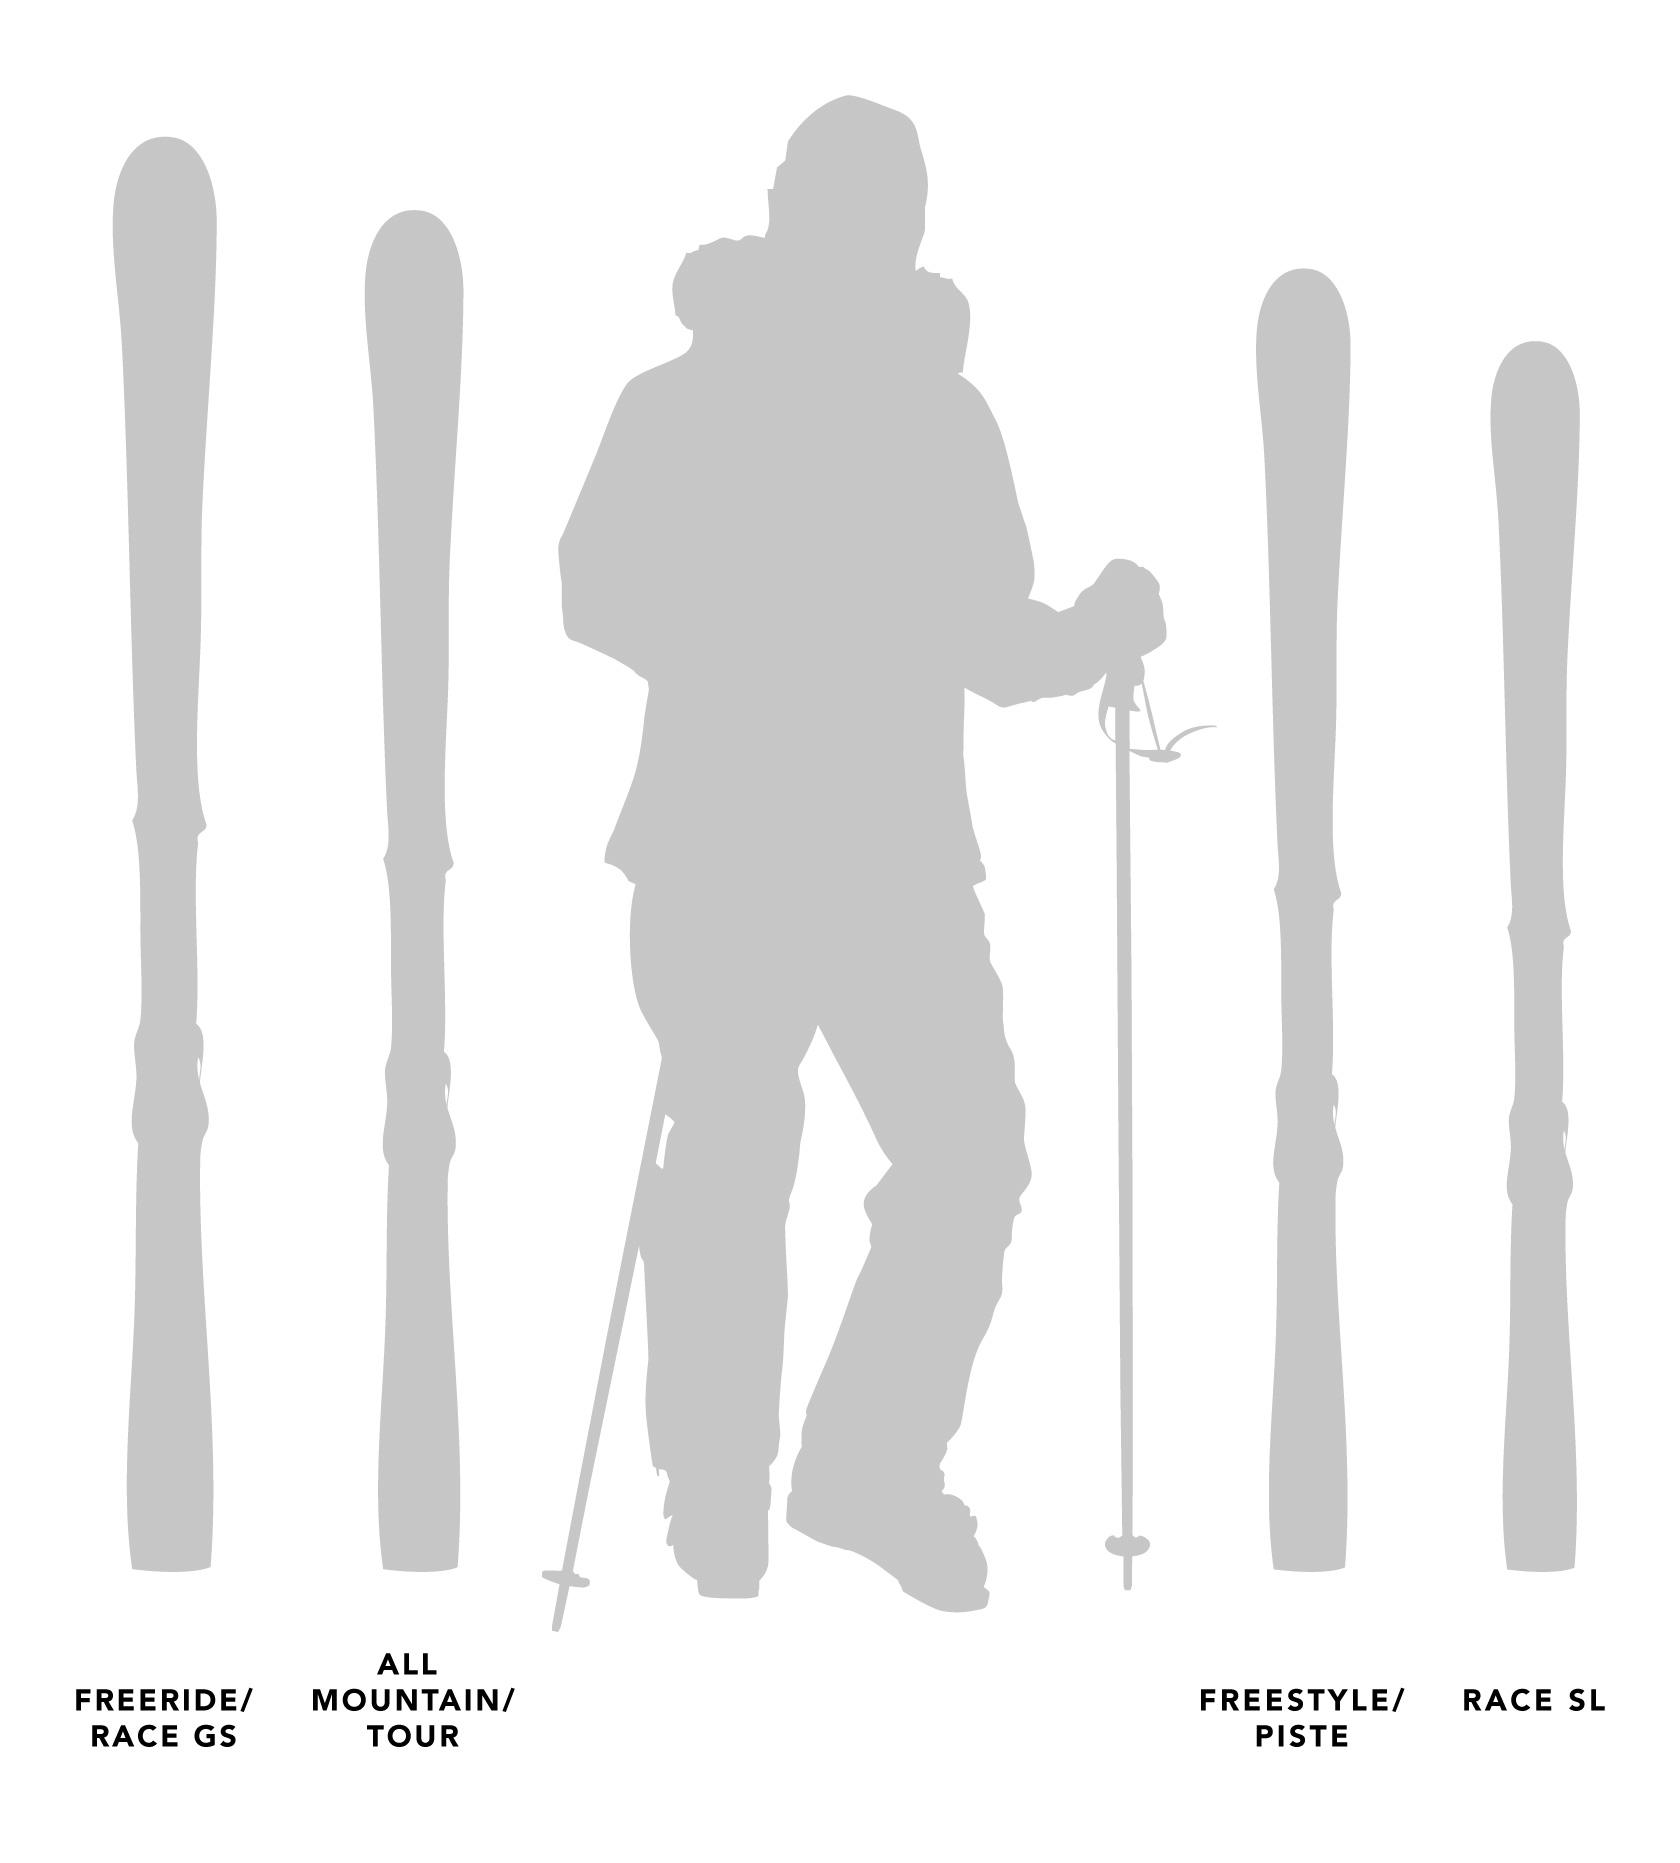 e2cd9d9953b Ski's kopen: Koophulp | Alle merken | Advies in Eurofun winkels ...